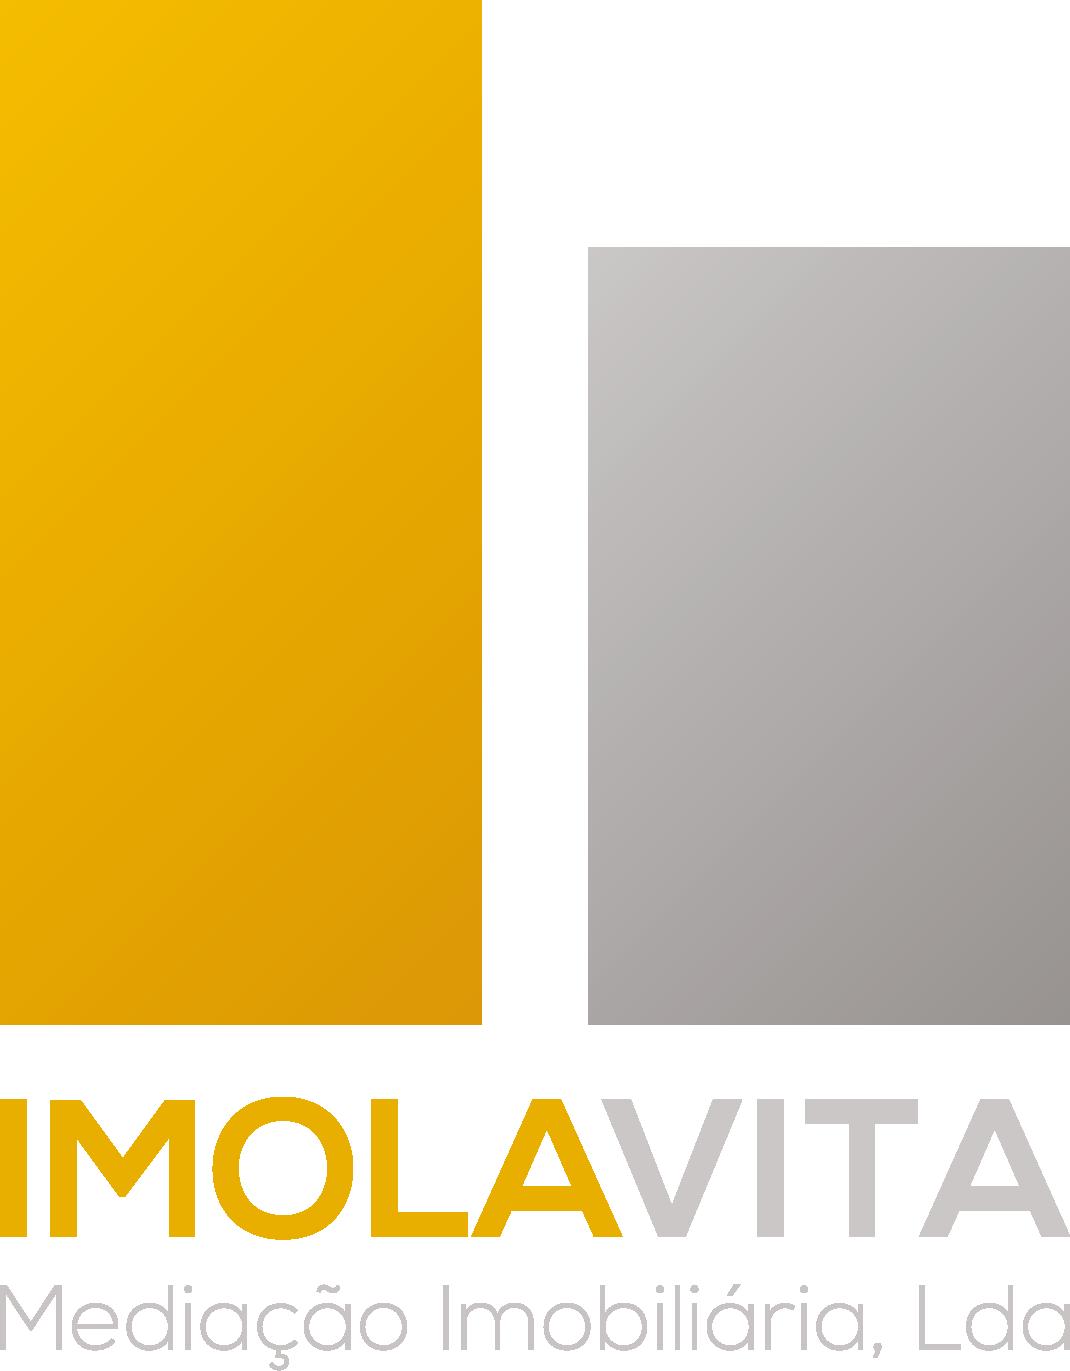 Imolavita-Mediação Imobiliária